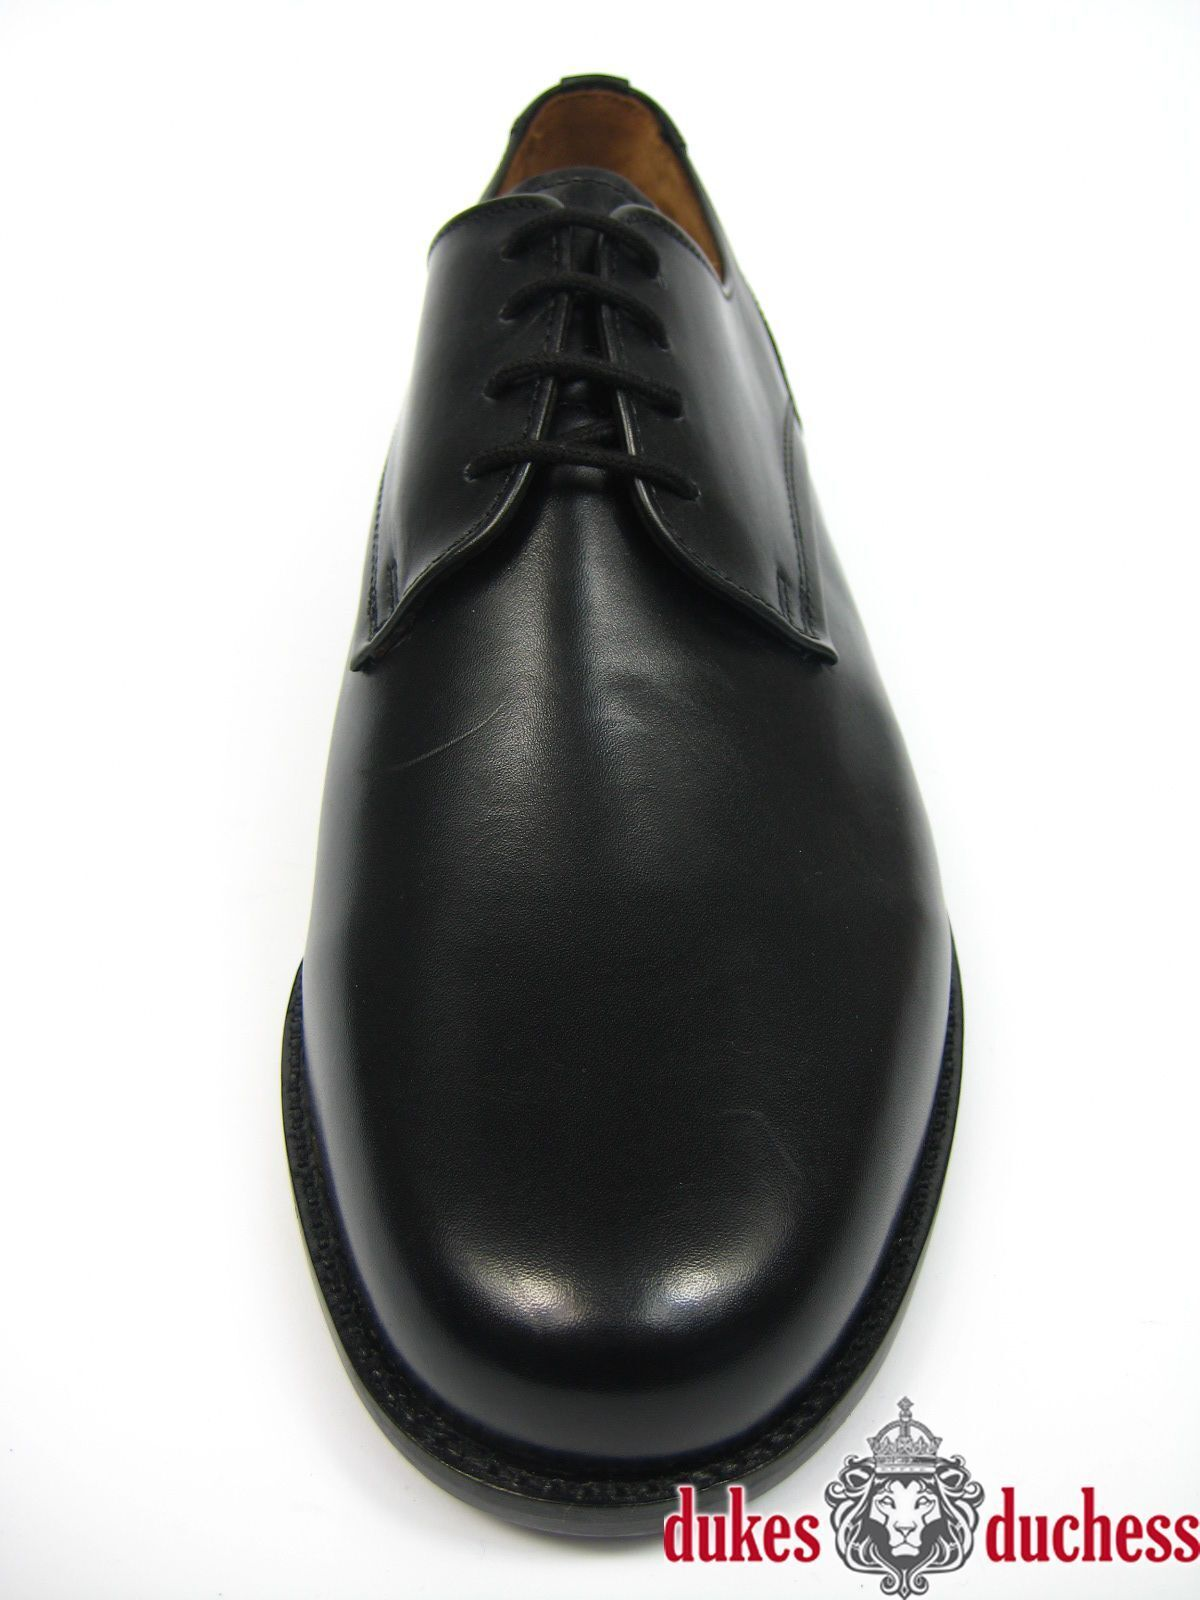 Manz Herren Business Leder Schuhe 162093 162093 162093 K-Weite extra weit schwarz Plain Derby 50c9fe